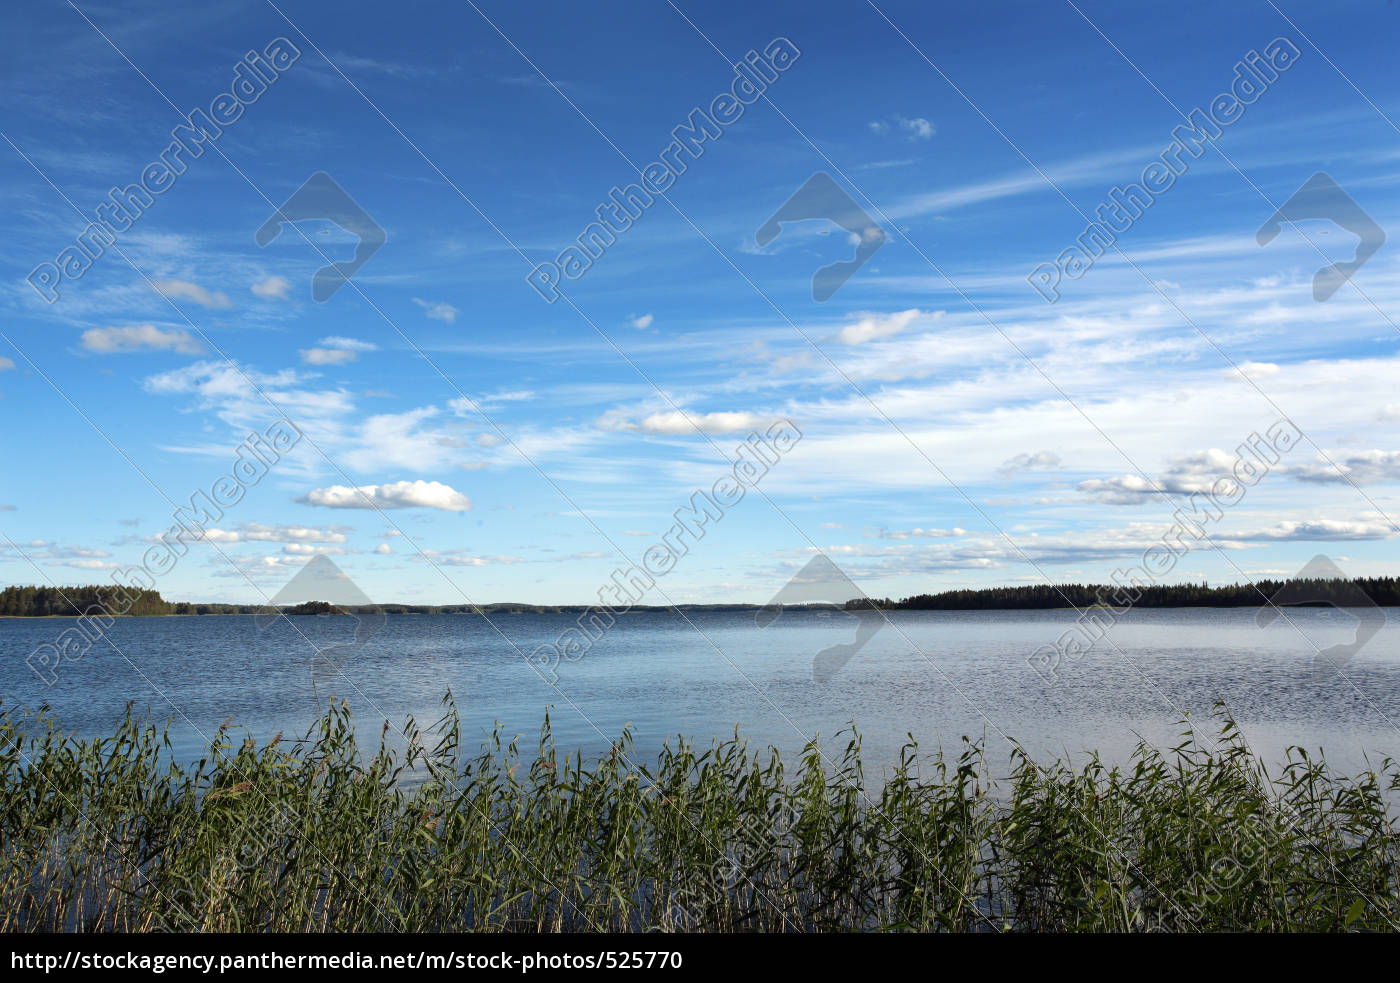 lake - 525770